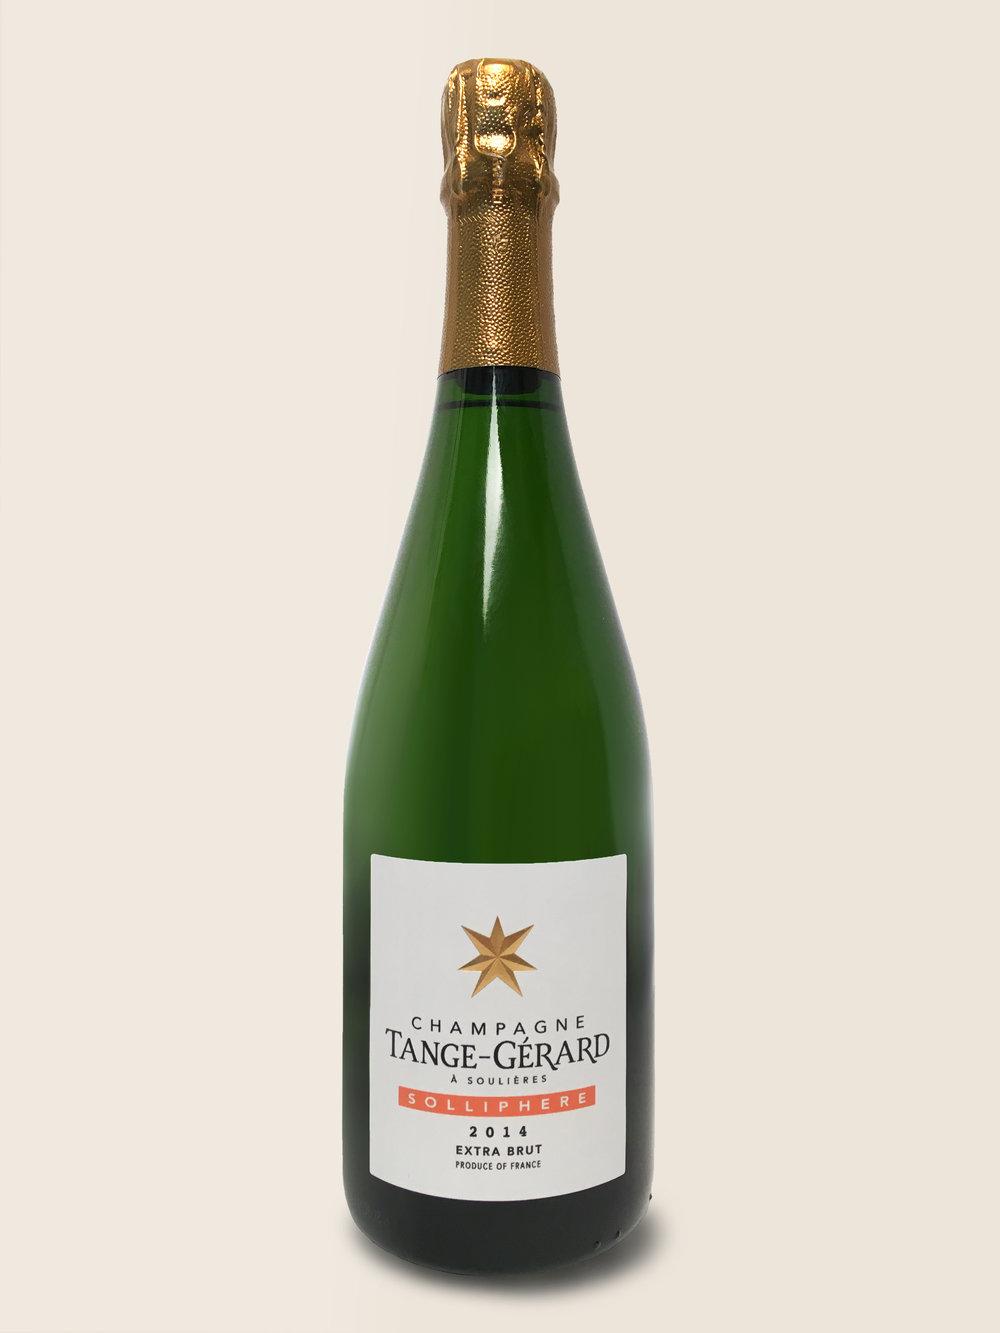 Solliphere - Solliphere est un champagne parcellaire, élaboré avec 100% Chardonnay du millésime 2014. Ce champagne de Tange-Gérard propose un équilibre attractif entre douveur fruité et une acidité modérée qui reflète l'année.